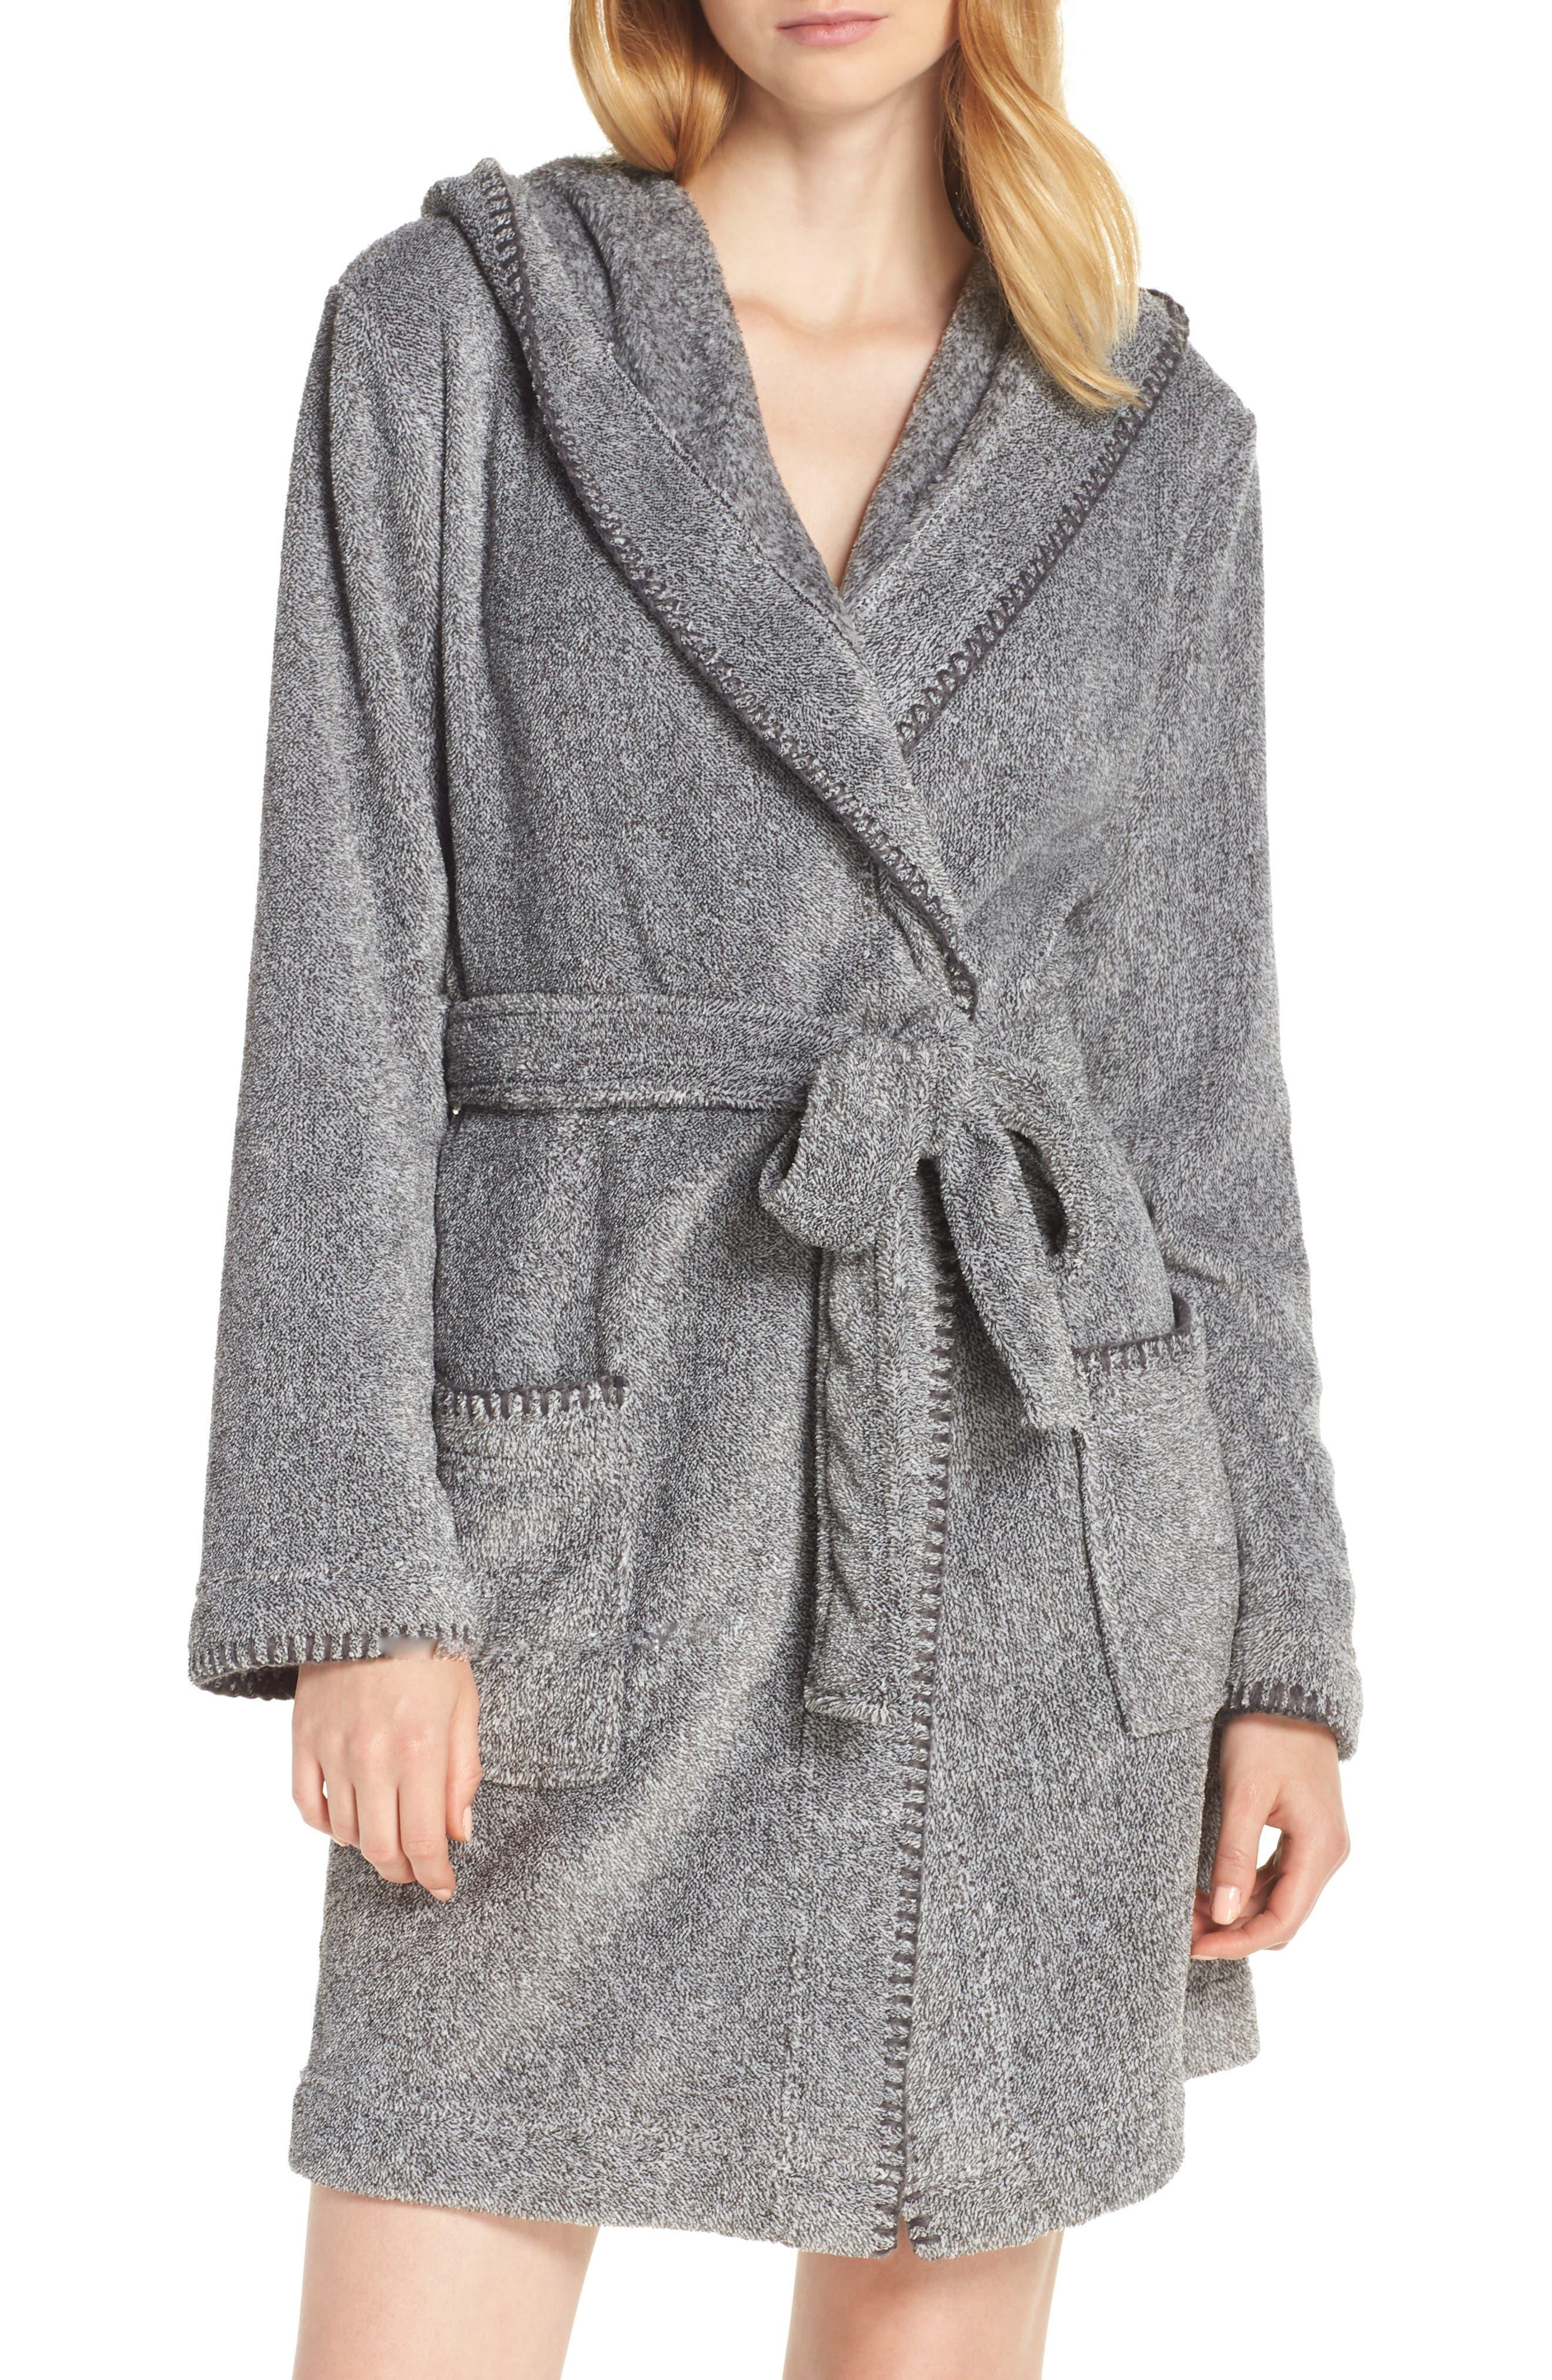 MAKE + MODEL, Starry Night Plush Short Robe, Main thumbnail 1, color, 022